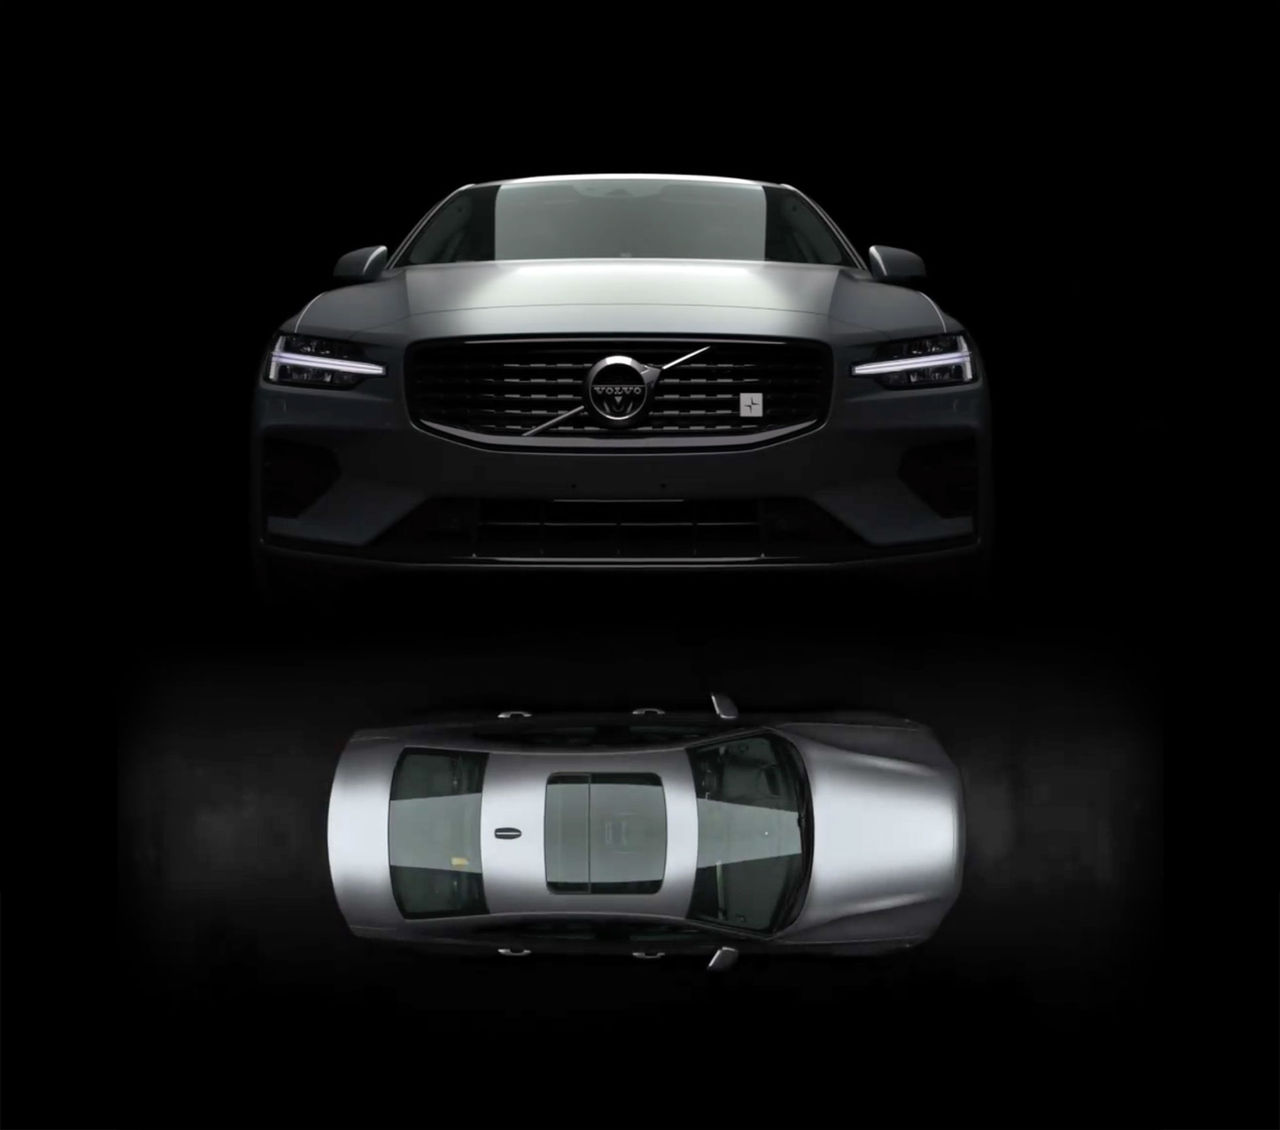 Polestar-fixad Volvo S60 visar nyllet